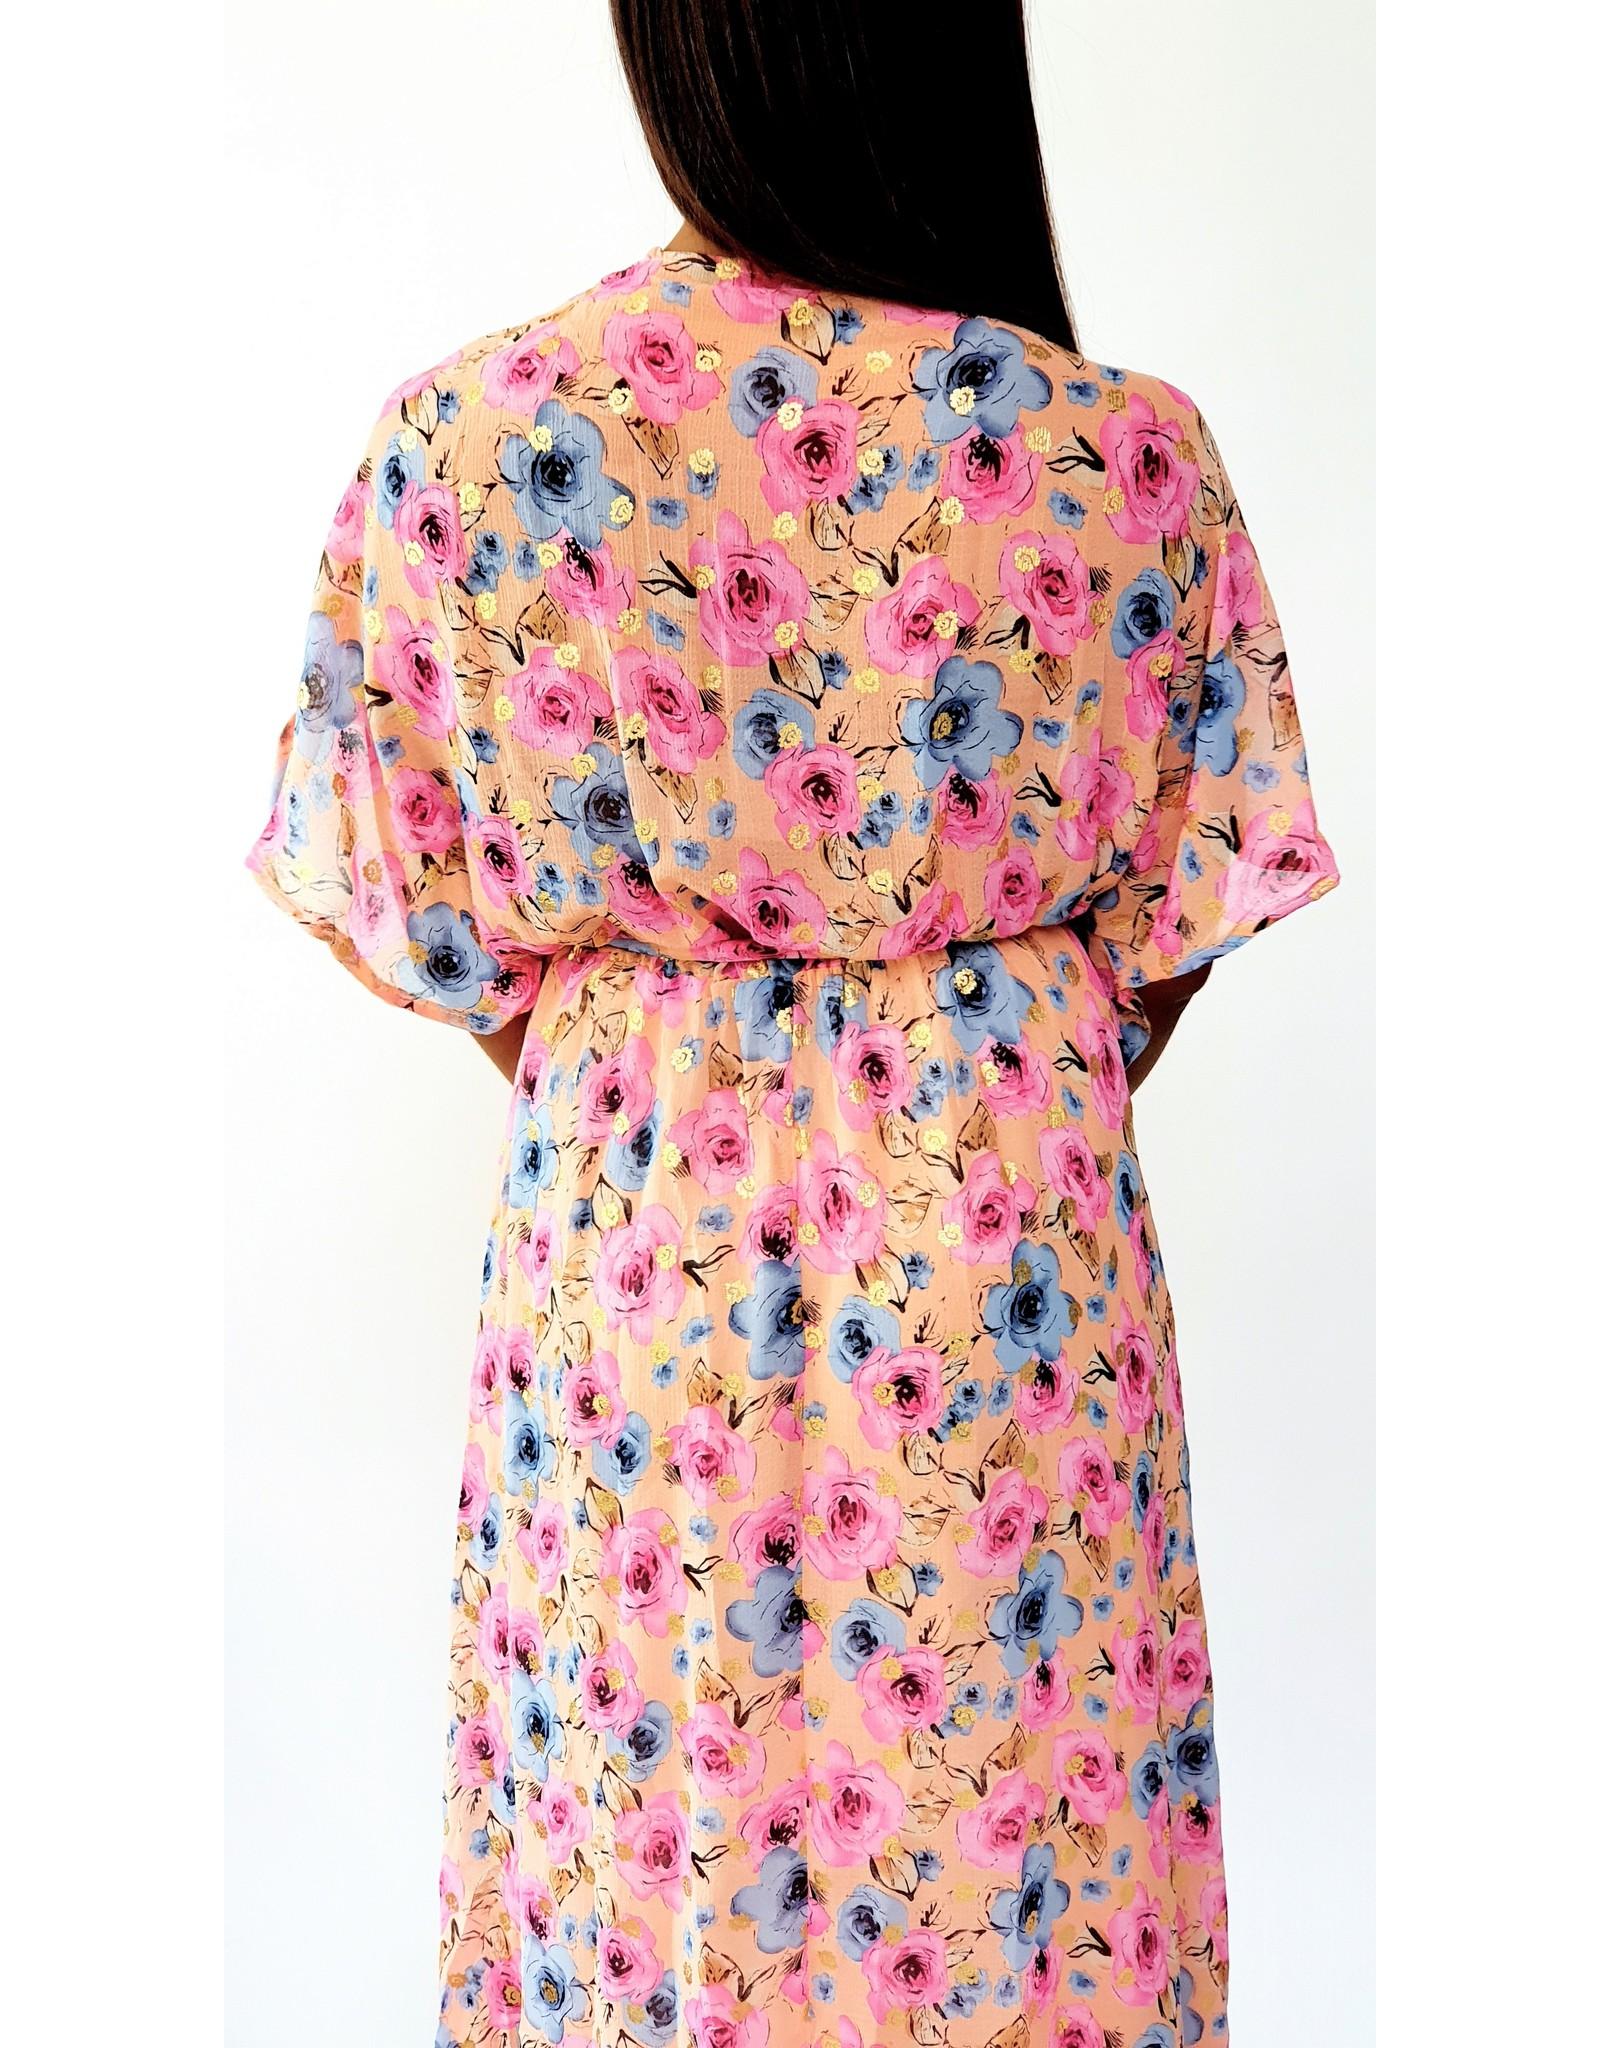 Thé hot flower dress